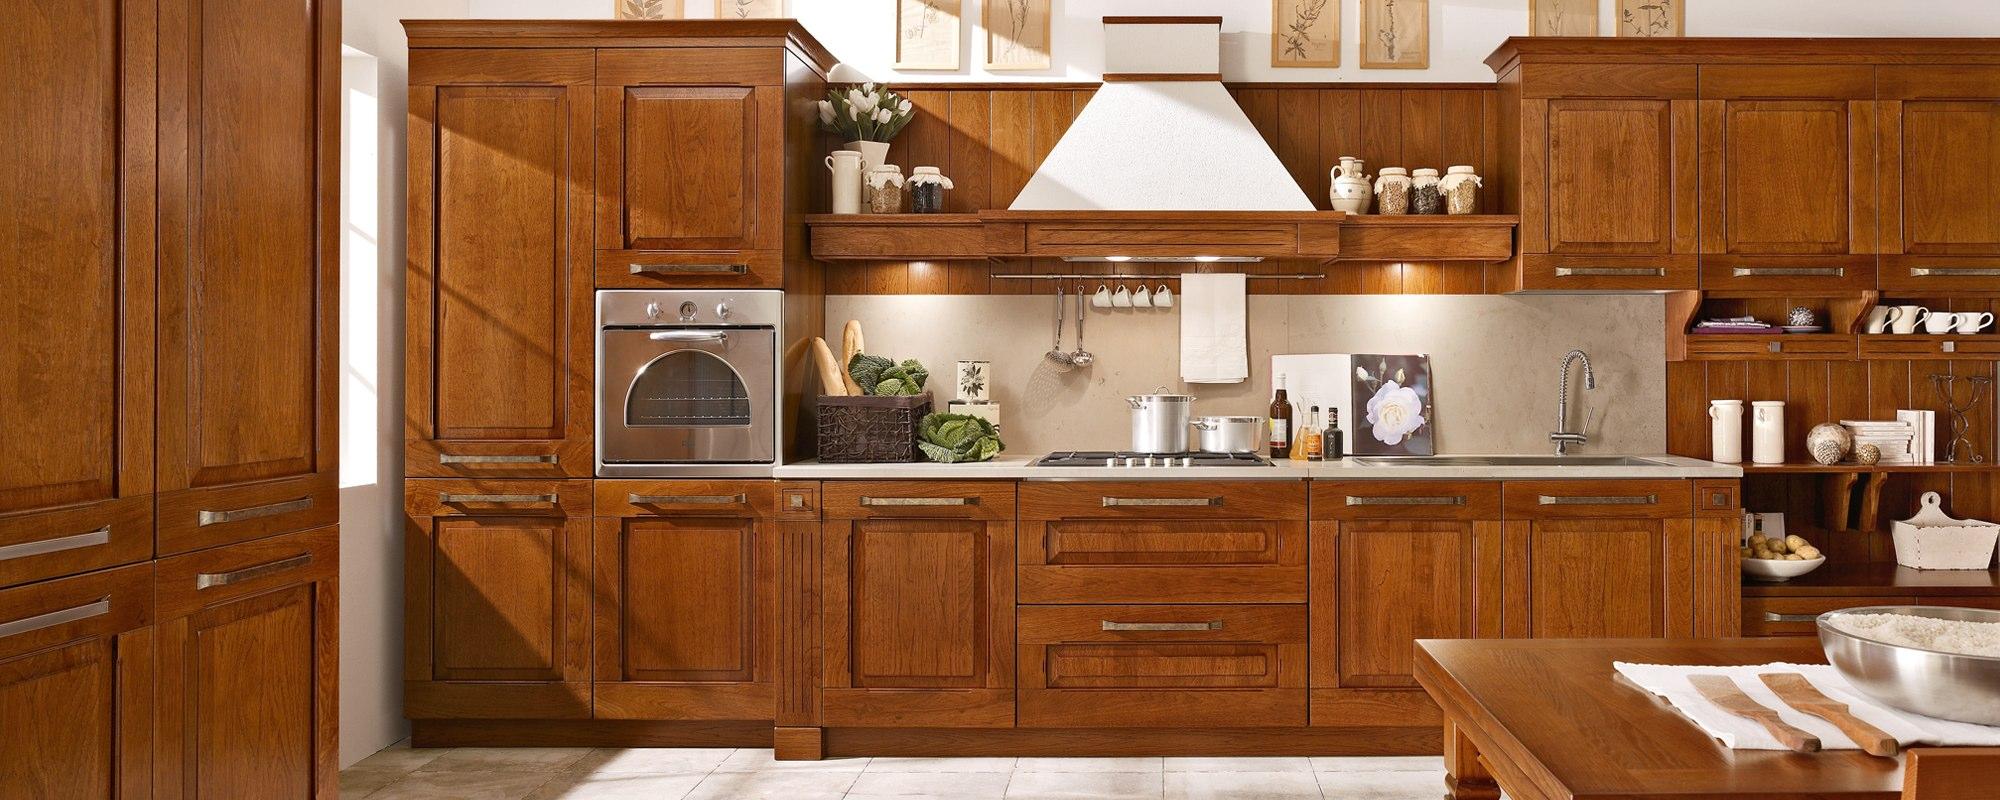 Aida cucine stosa for Cucine classiche in offerta